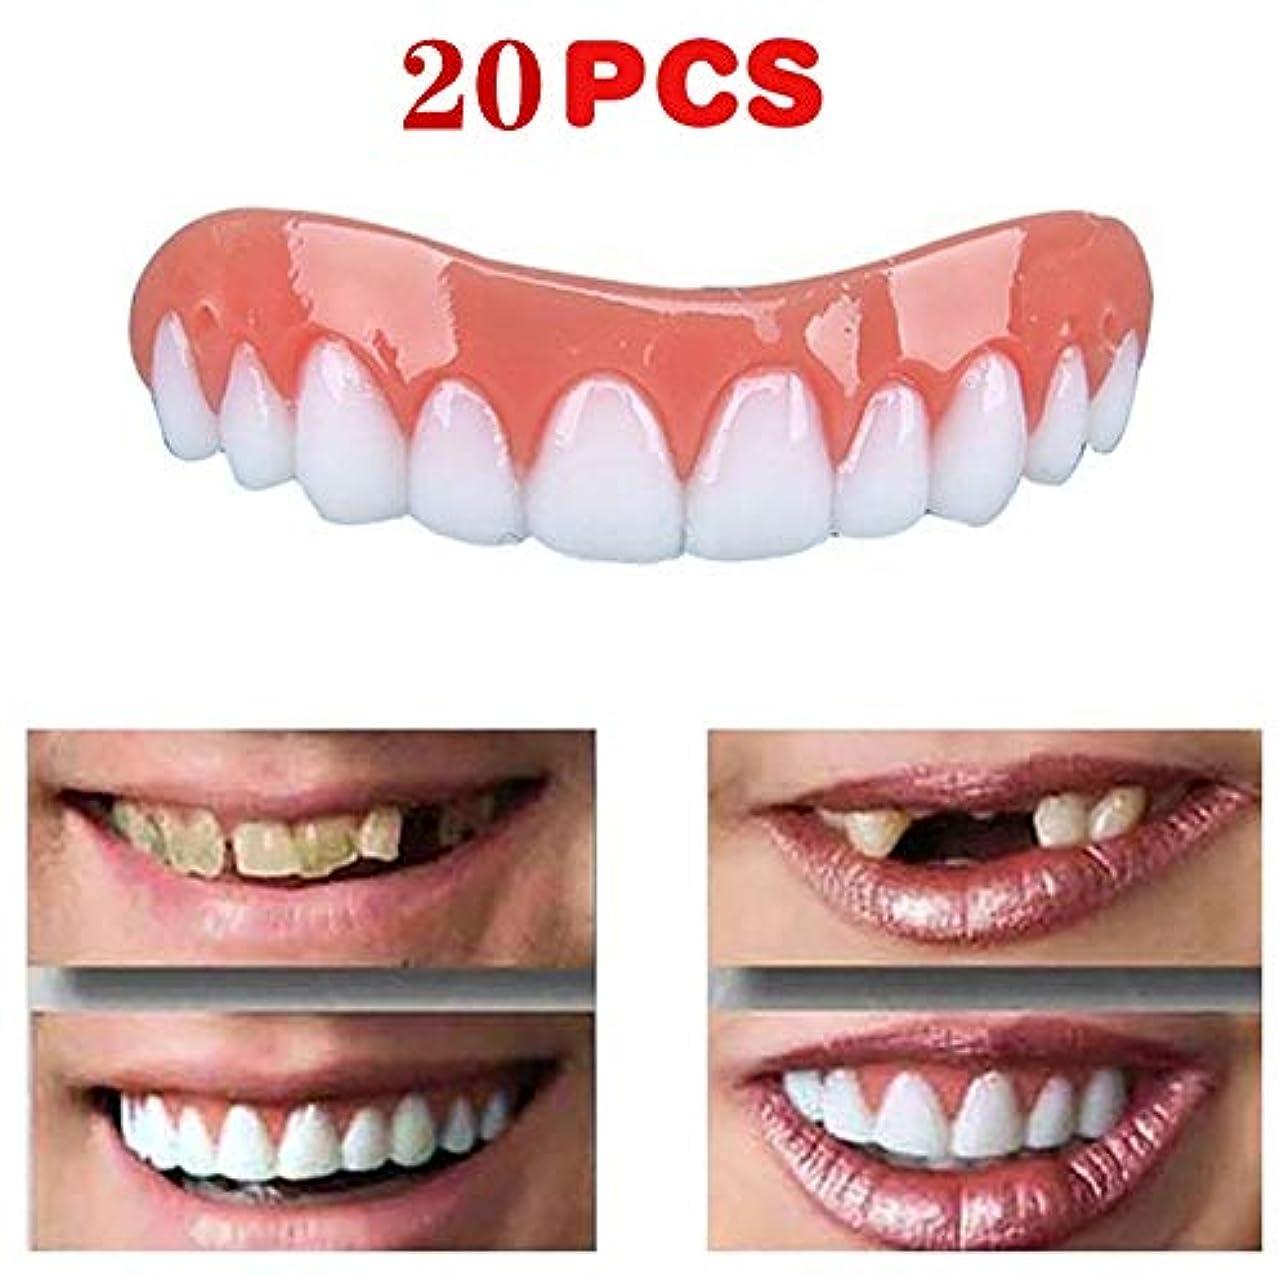 打たれたトラック代表団する20ピース新しい再利用可能な大人のスナップオンパーフェクトスマイルホワイトニング義歯フィットフレックス化粧品歯快適な突き板カバーデンタルケアアクセサリー